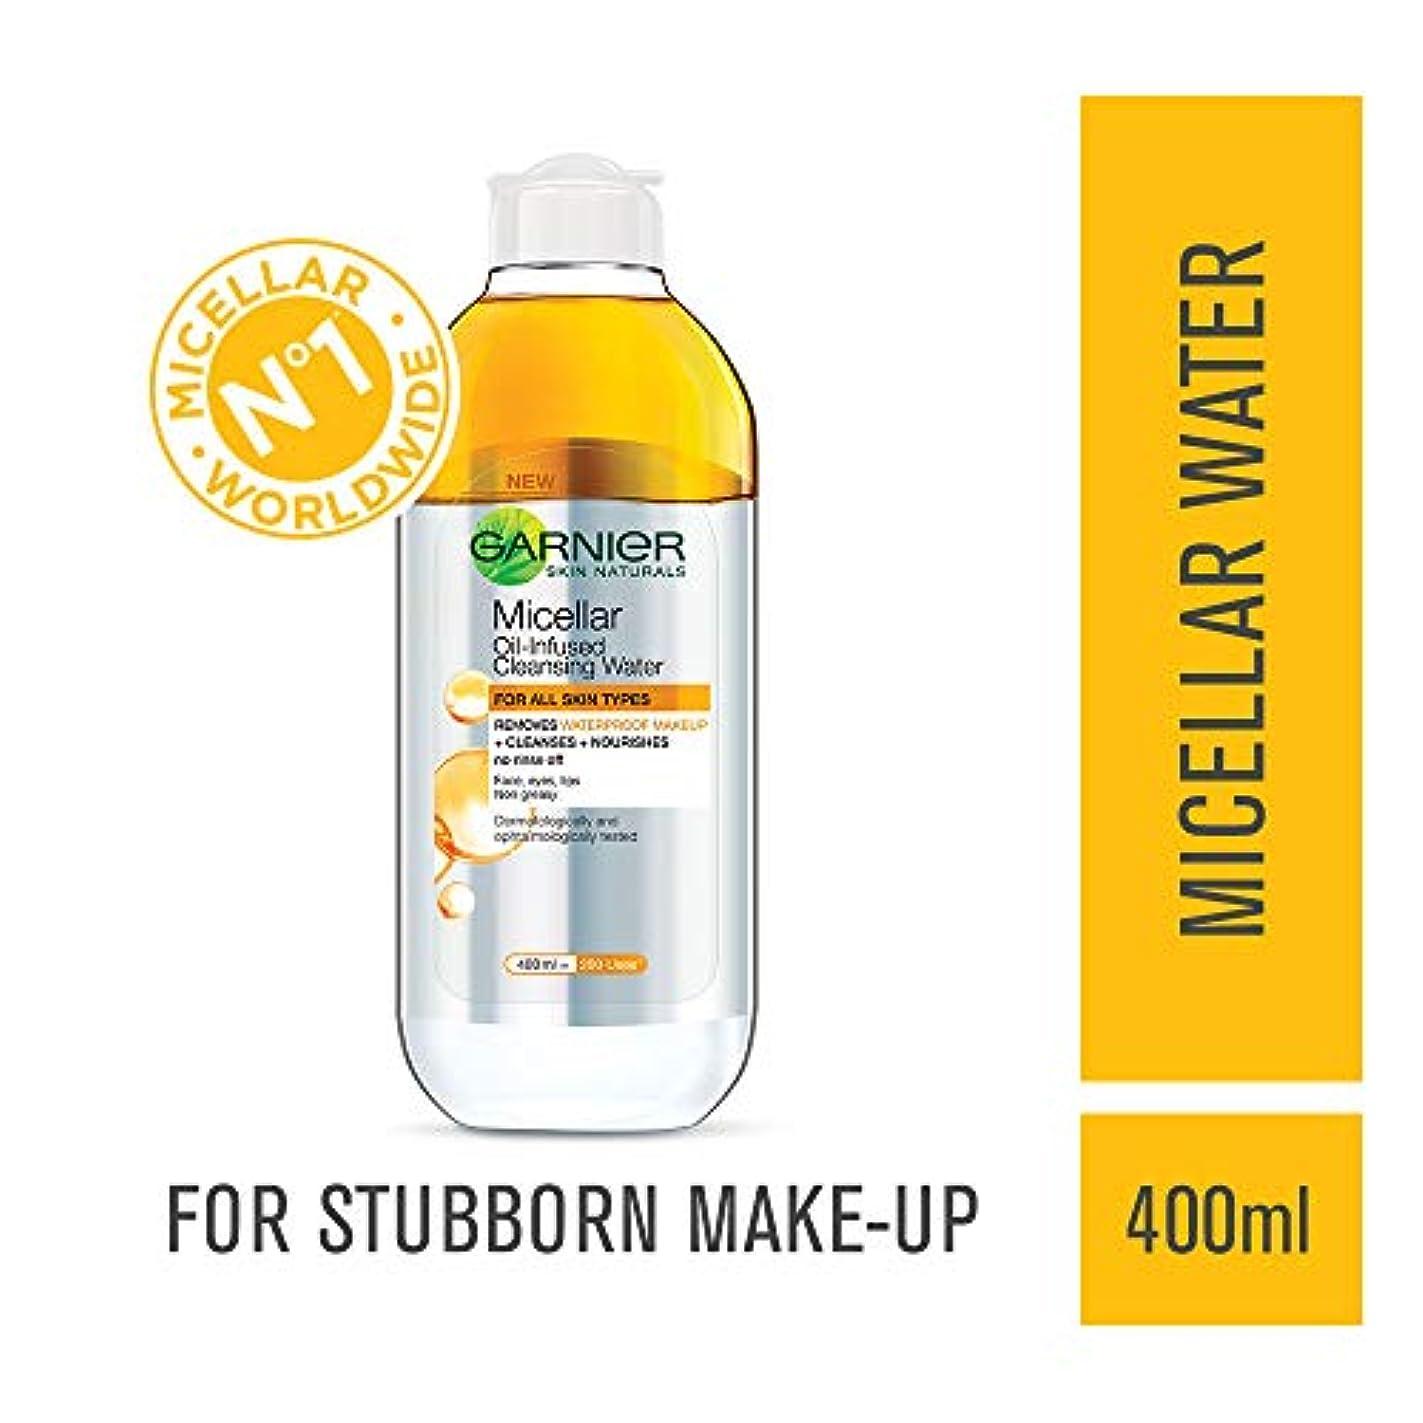 アルコーブピービッシュカメGarnier Skin Naturals, Micellar Oil-Infused Cleansing Water, 400ml